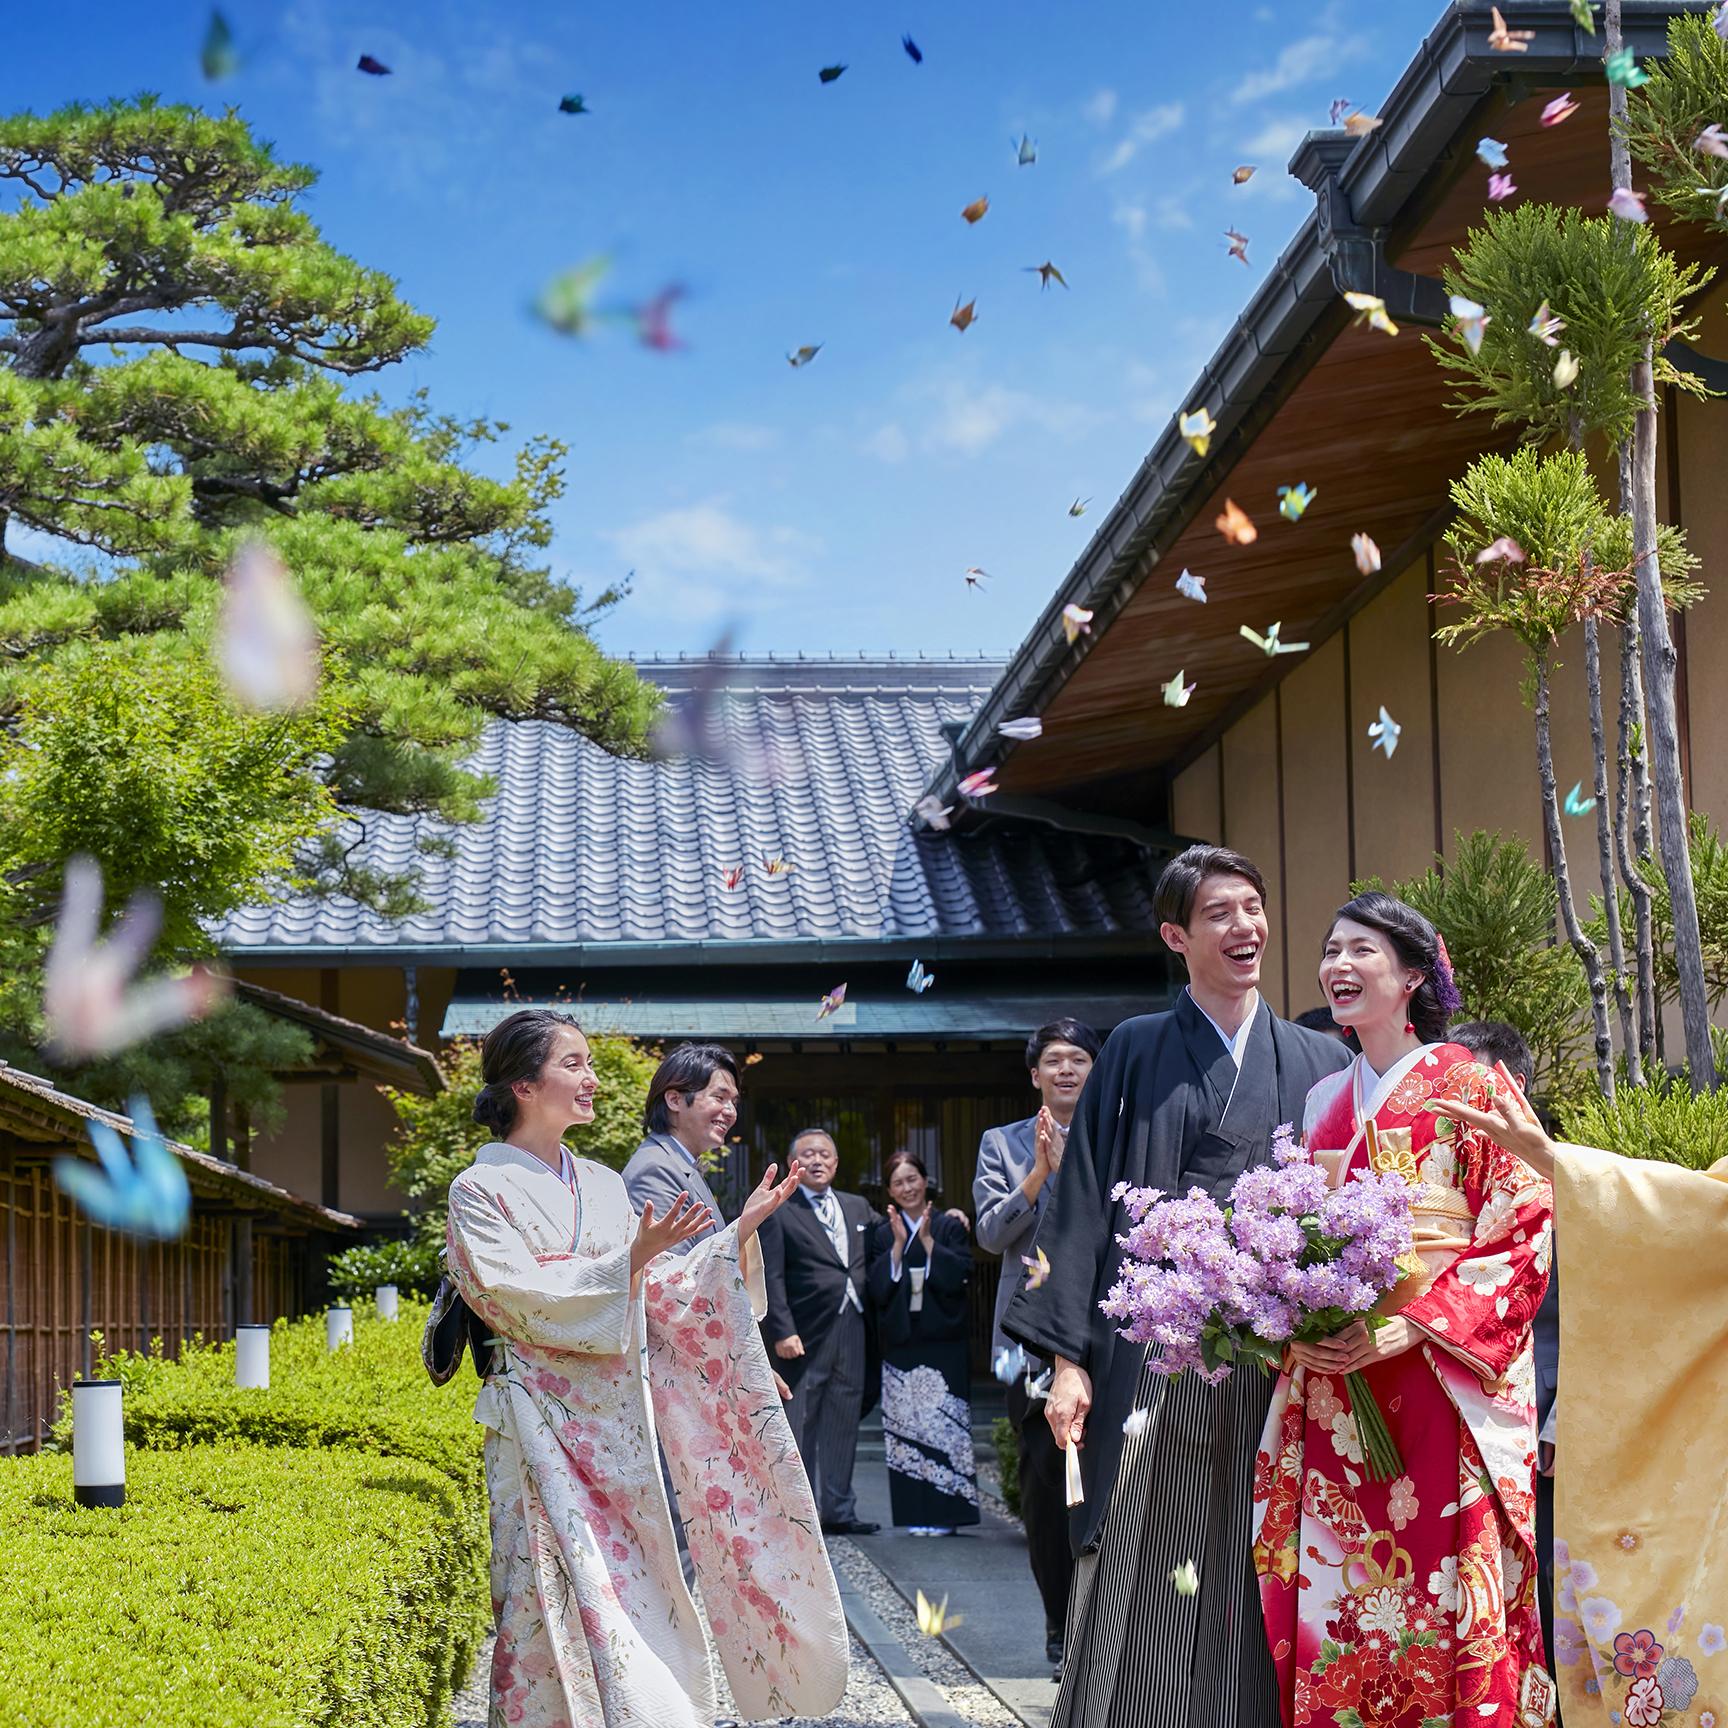 ◇198,000円◇開放的な結婚式♪青空と緑豊かな庭園挙式プラン